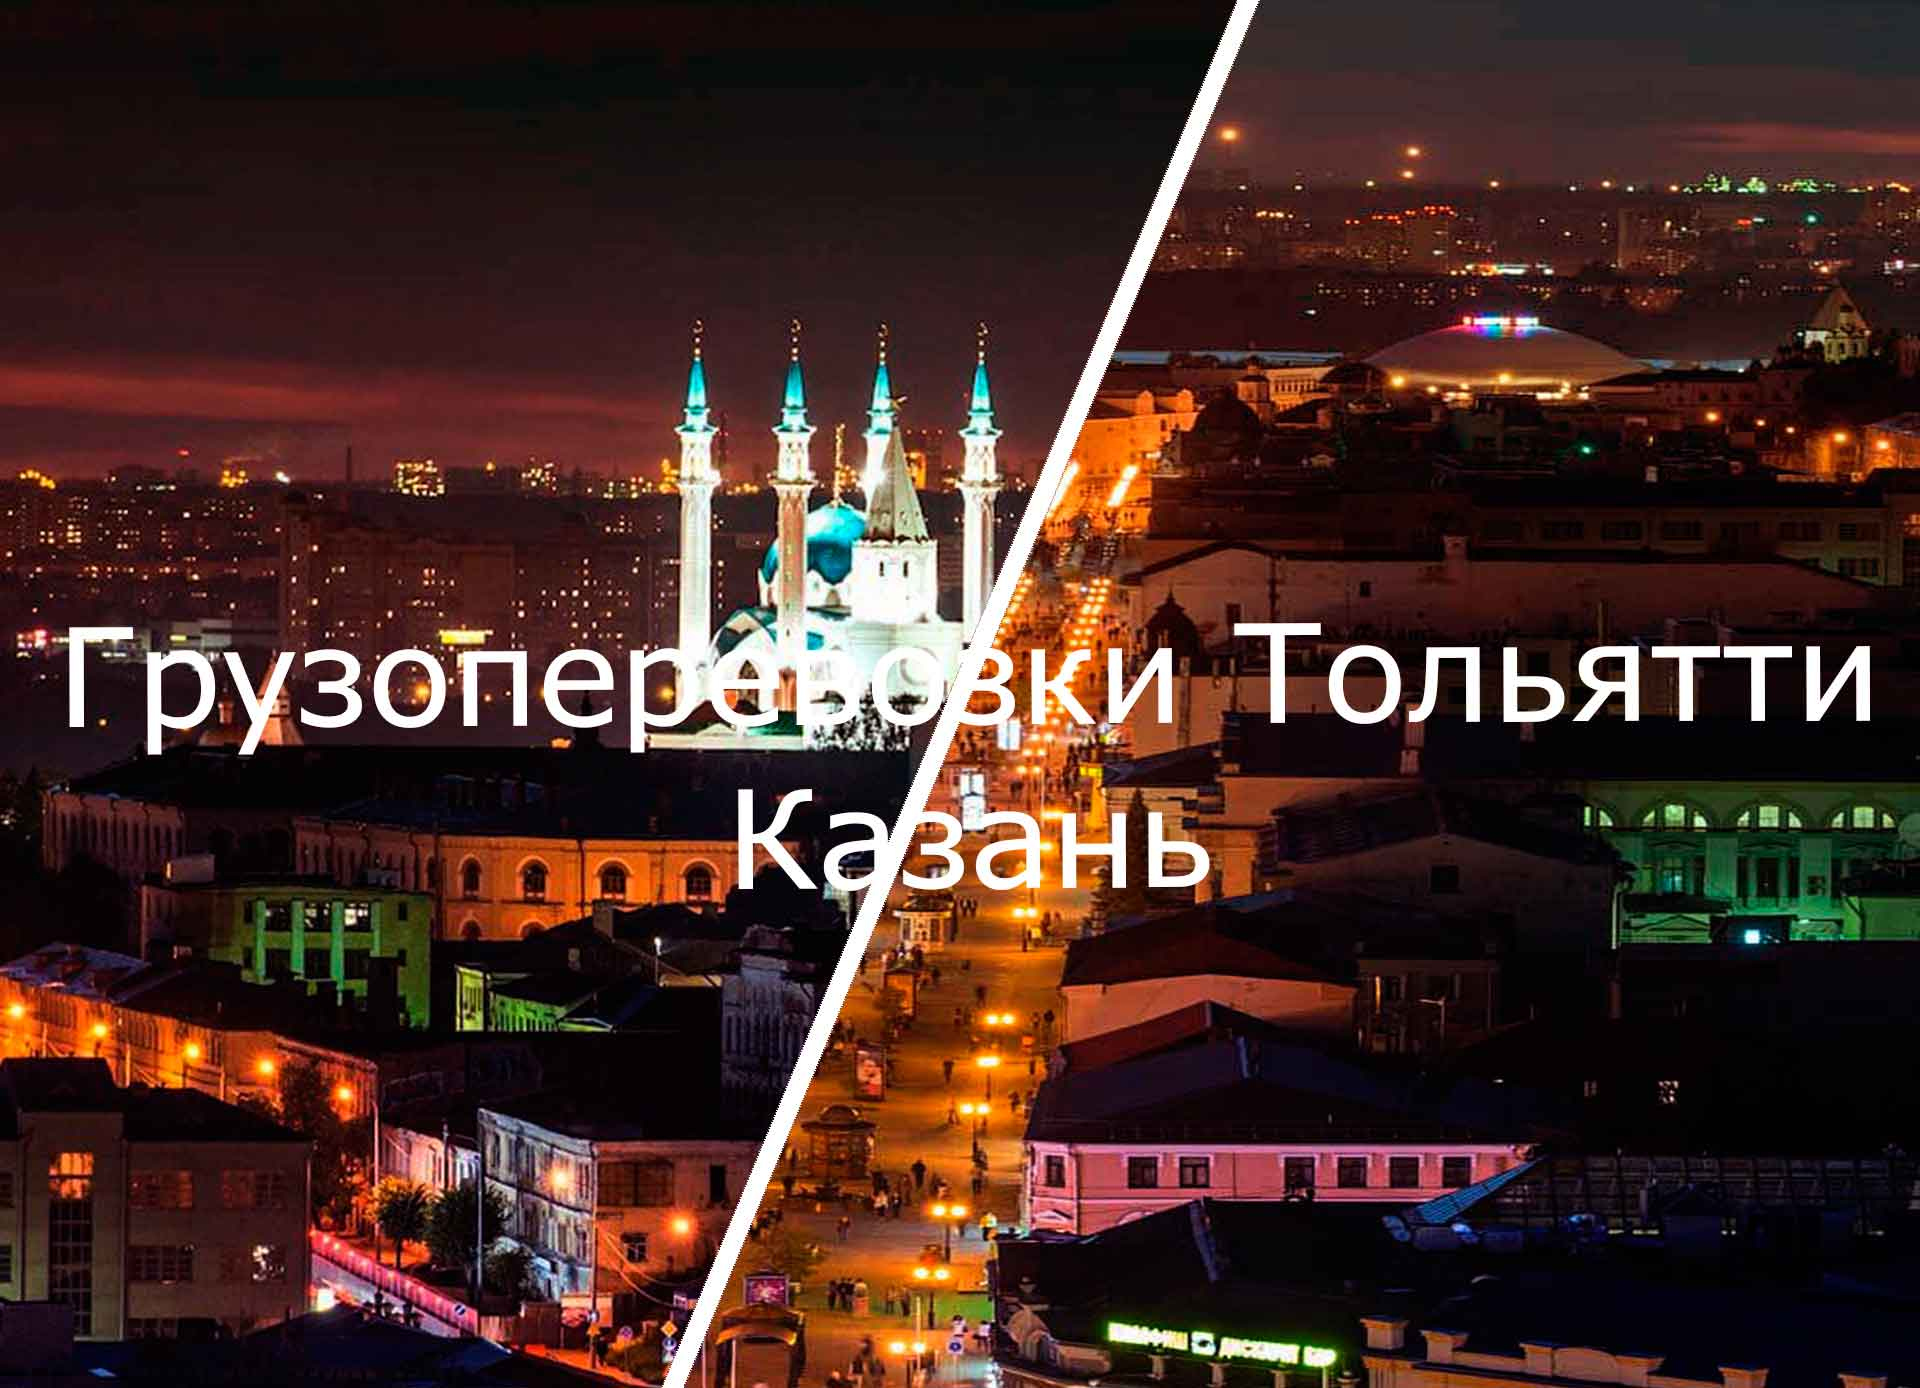 грузоперевозки тольятти казань